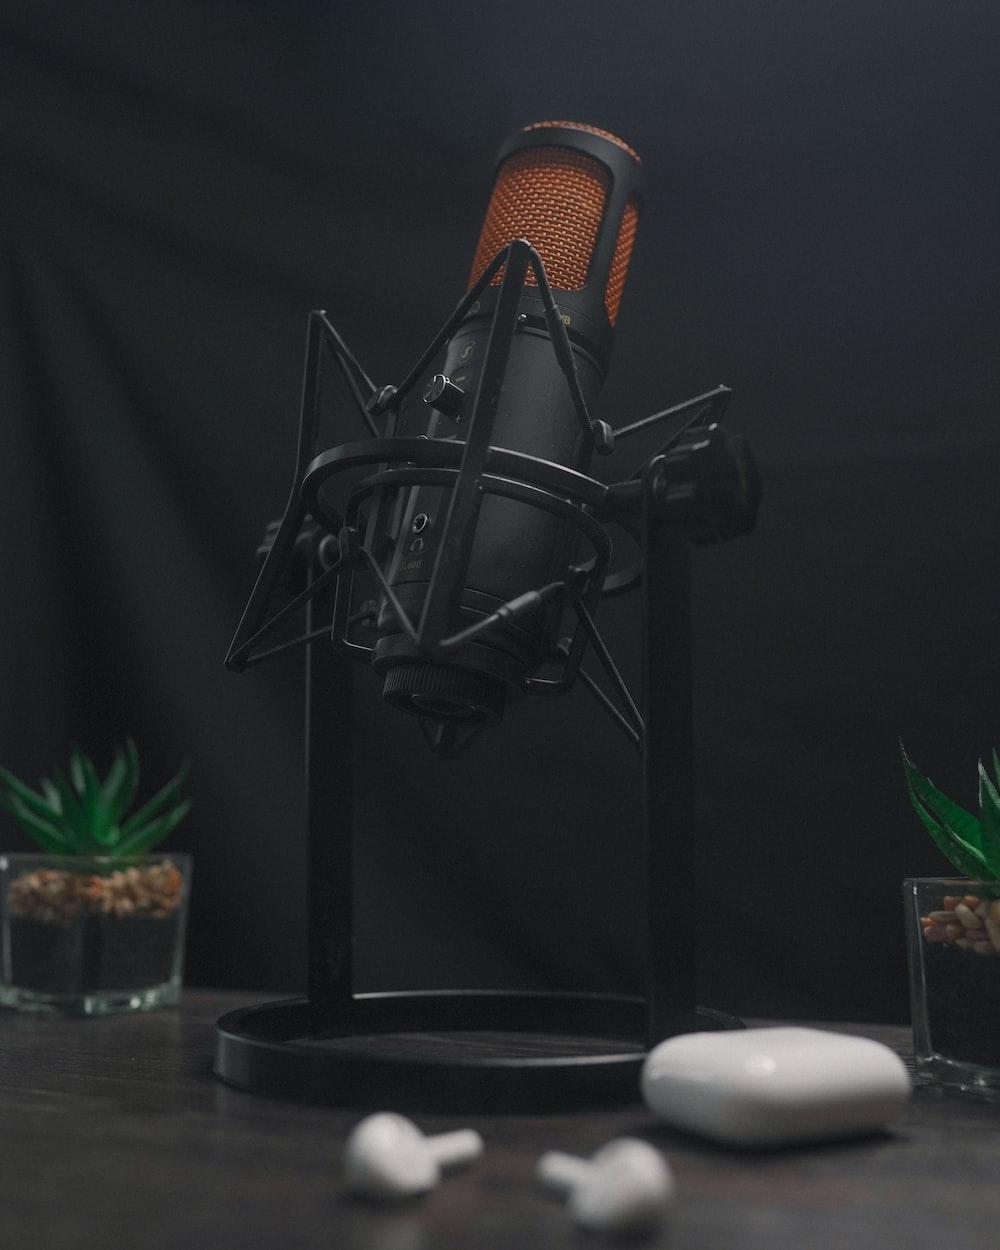 black and brown crooner microphone